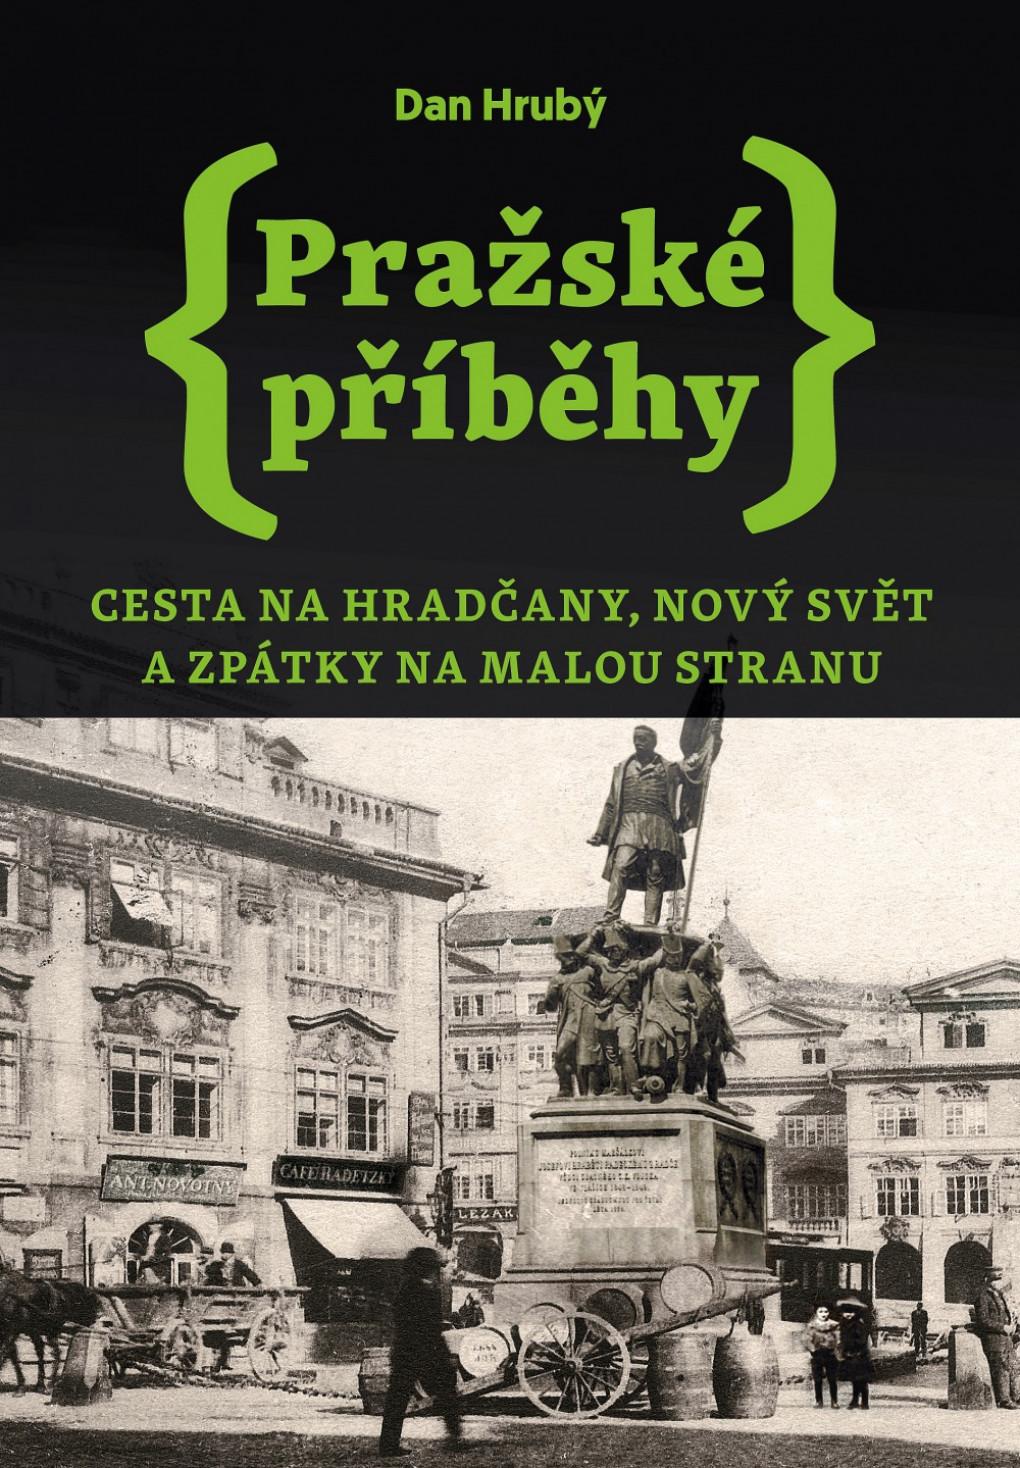 prazske_pribehy_2.jpg